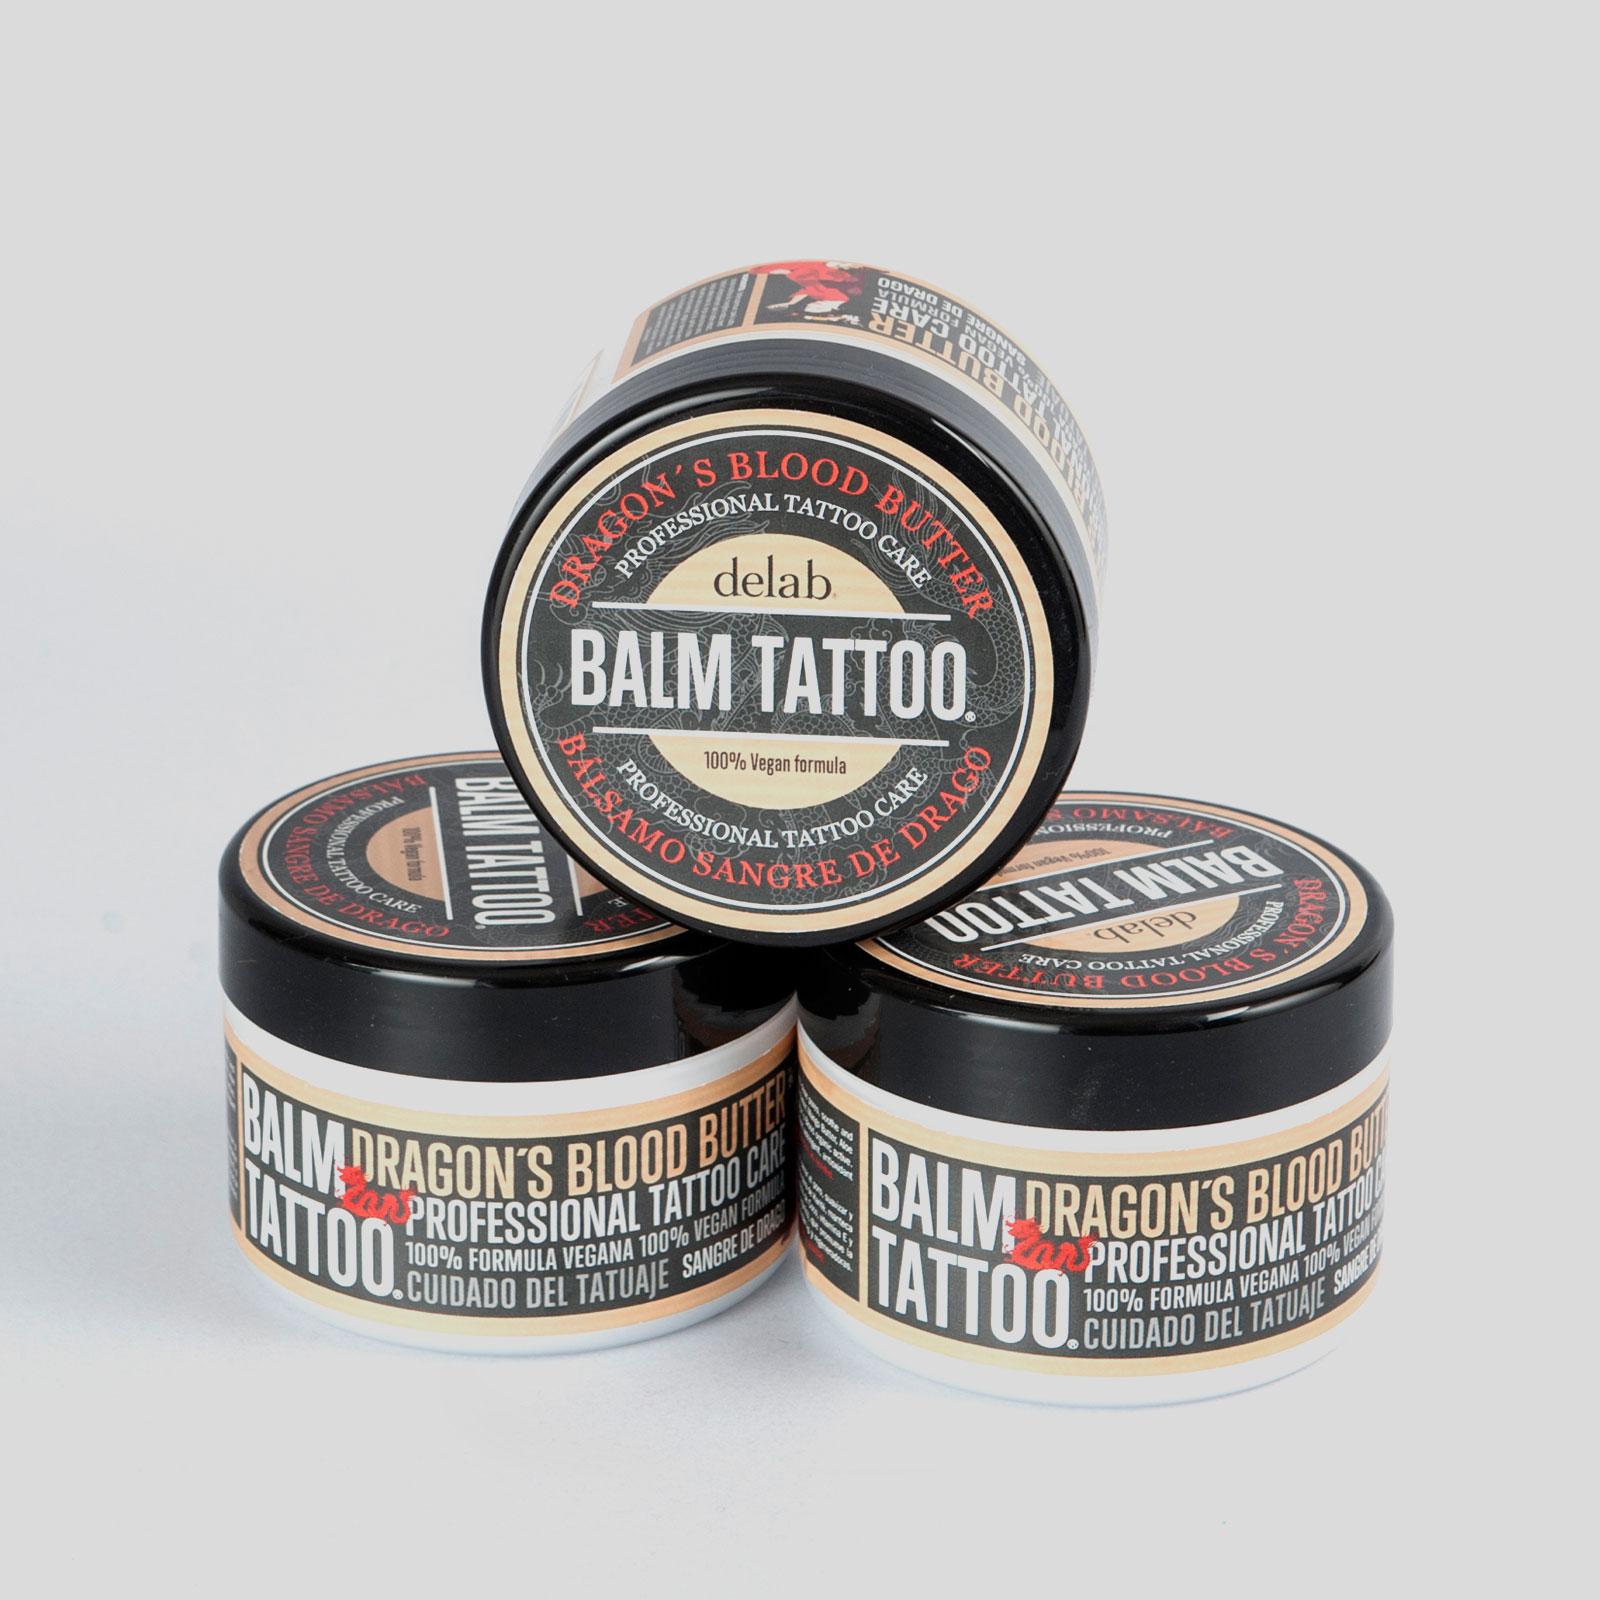 Jeśli chodzi o świeży tatuaż i jego pielęgnacje, to Balm Tattoo jest zdecydowanym numerem jeden!